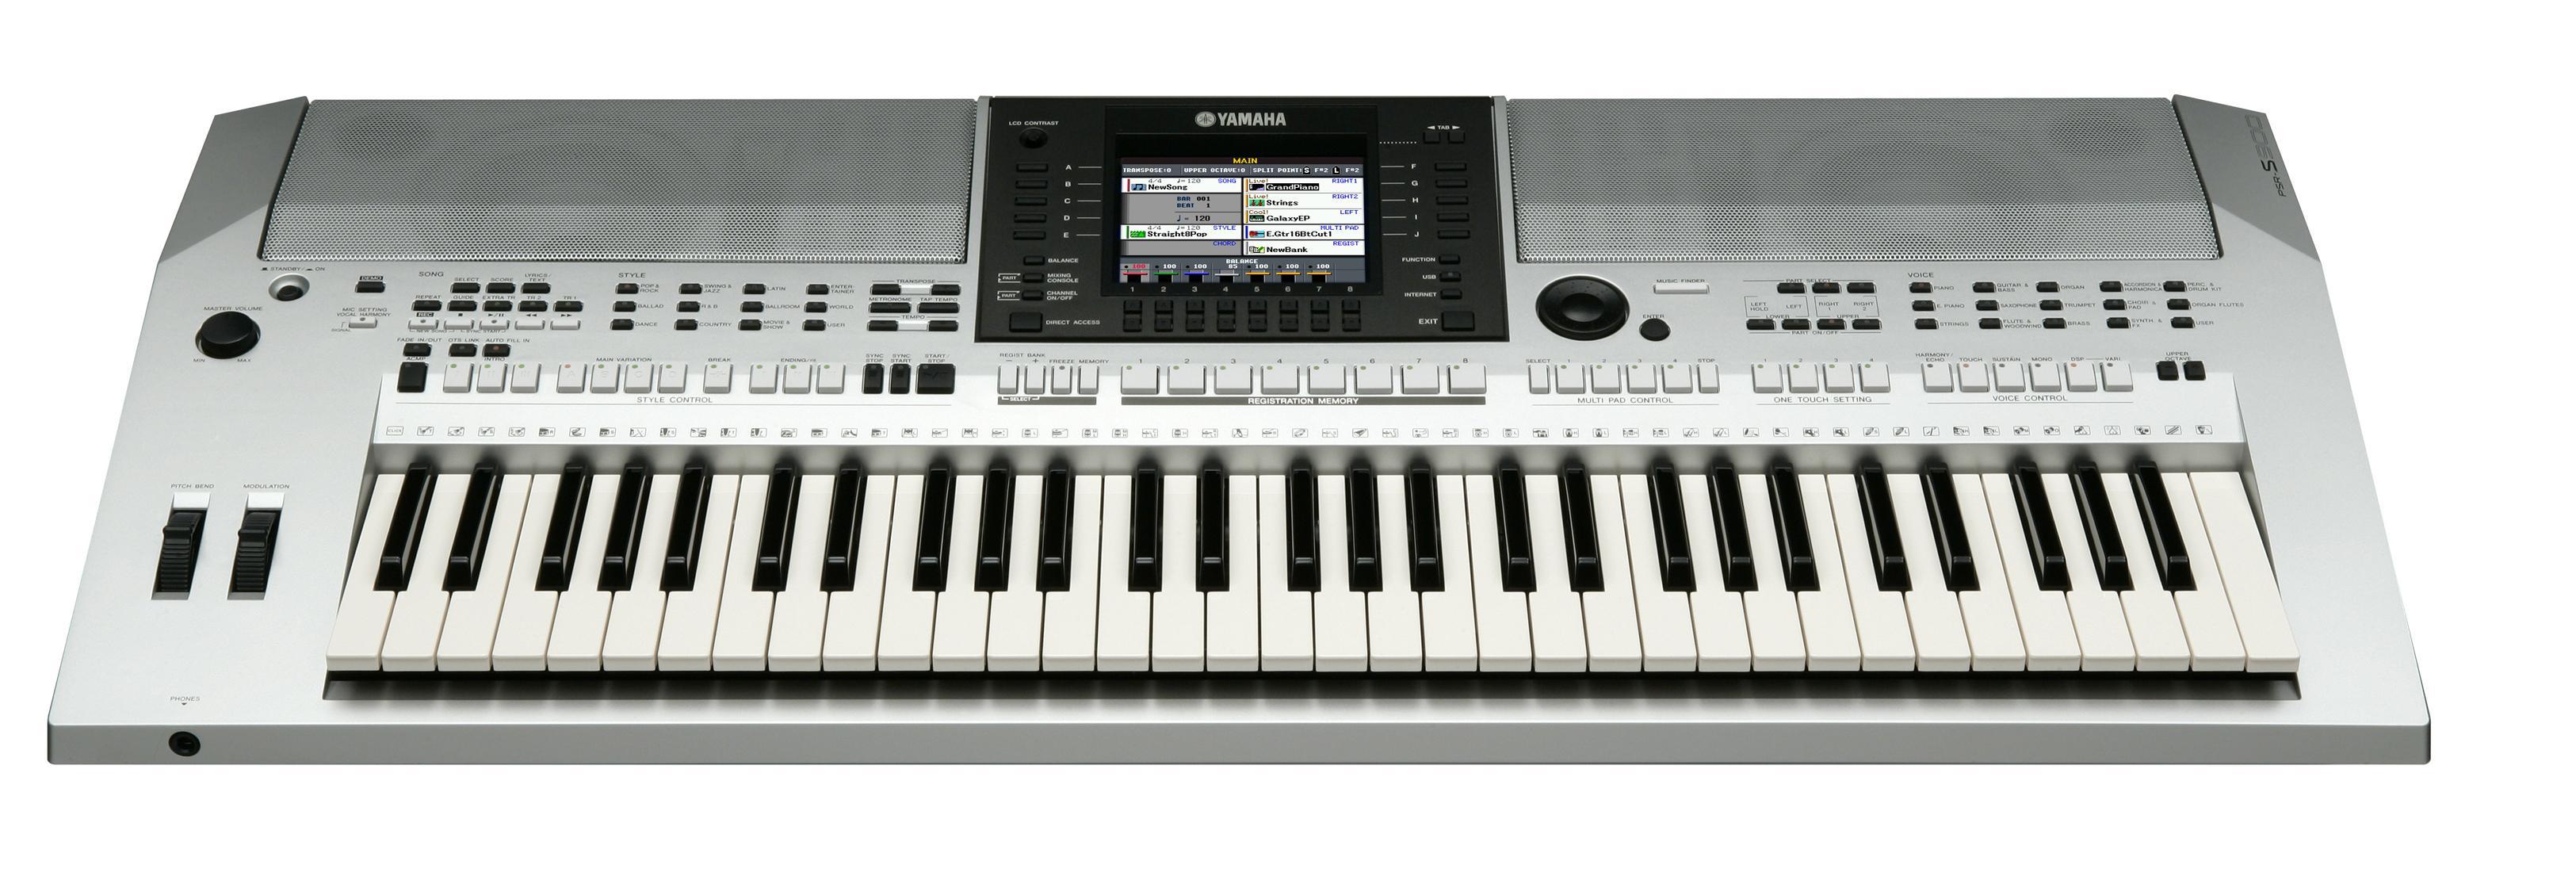 Download Gratis Style Dangdut Keyboard Yamaha